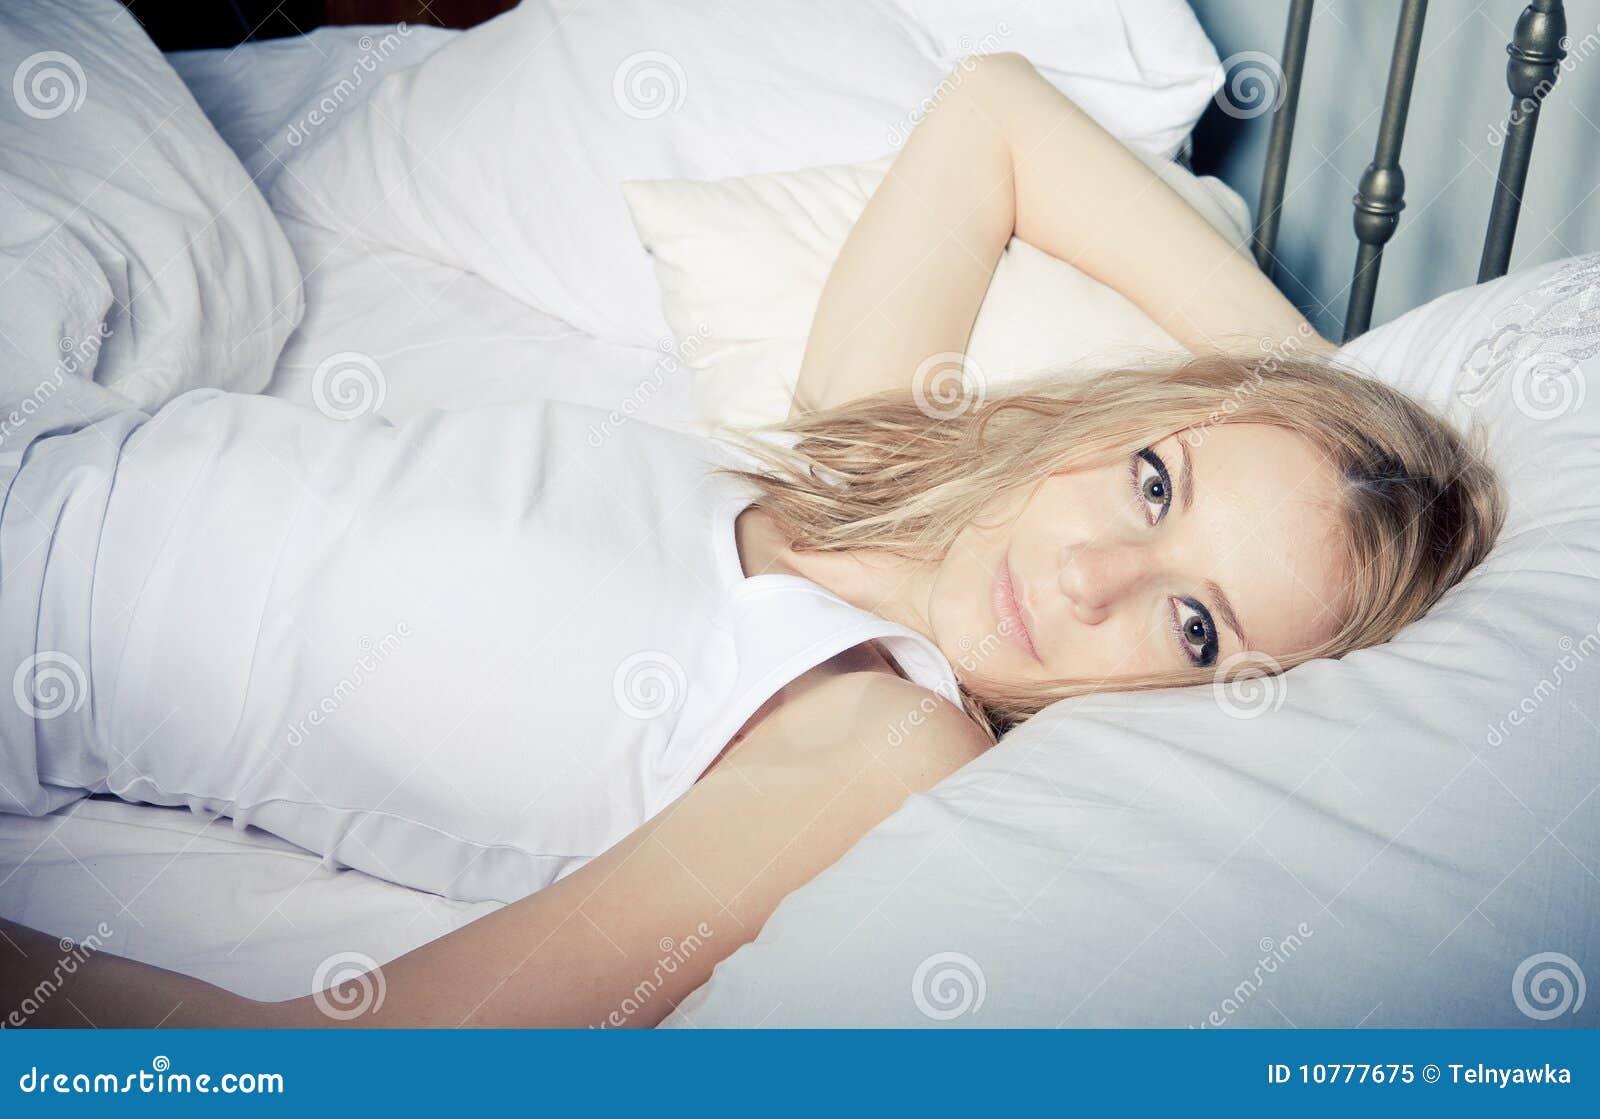 Het ontspannen van de dame in de slaapkamer